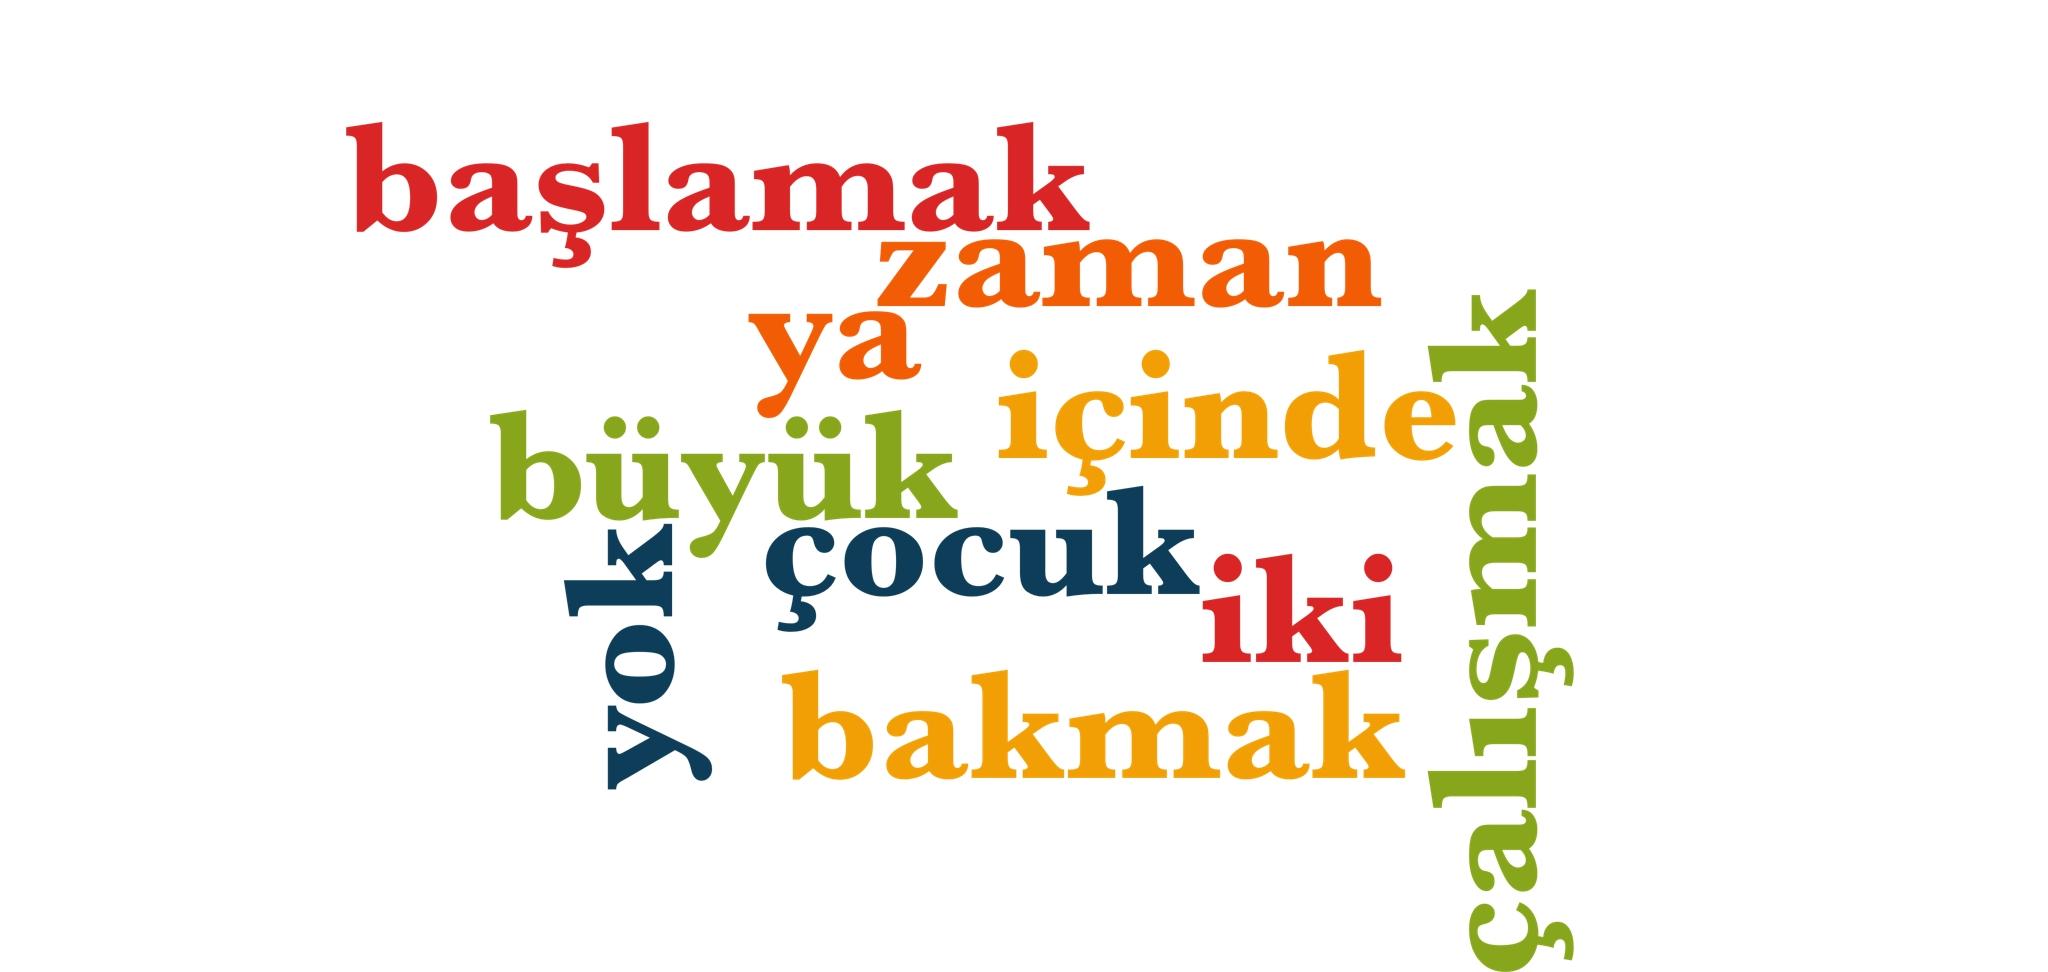 Wörter 41 bis 50 der 1000 häufigsten Wörter der türkischen Sprache